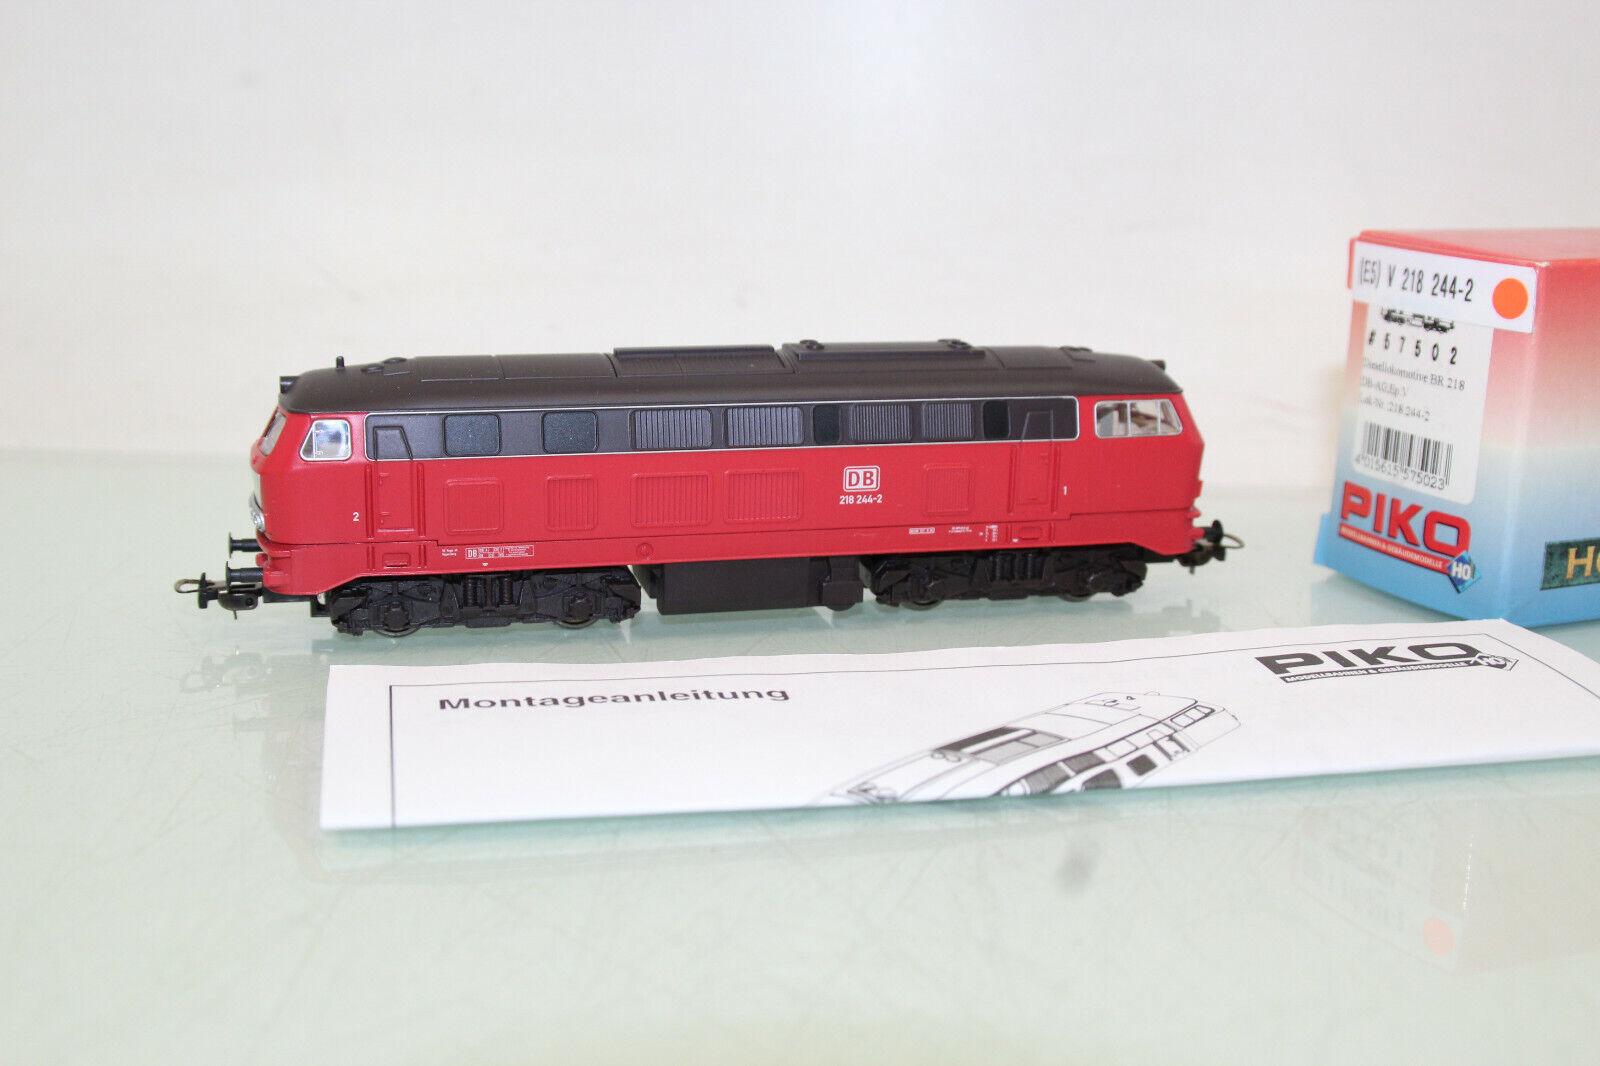 PIKO h0 57502 DIESEL BR 218 244-2 delle DB AG come nuovo in scatola originale (cl4350)